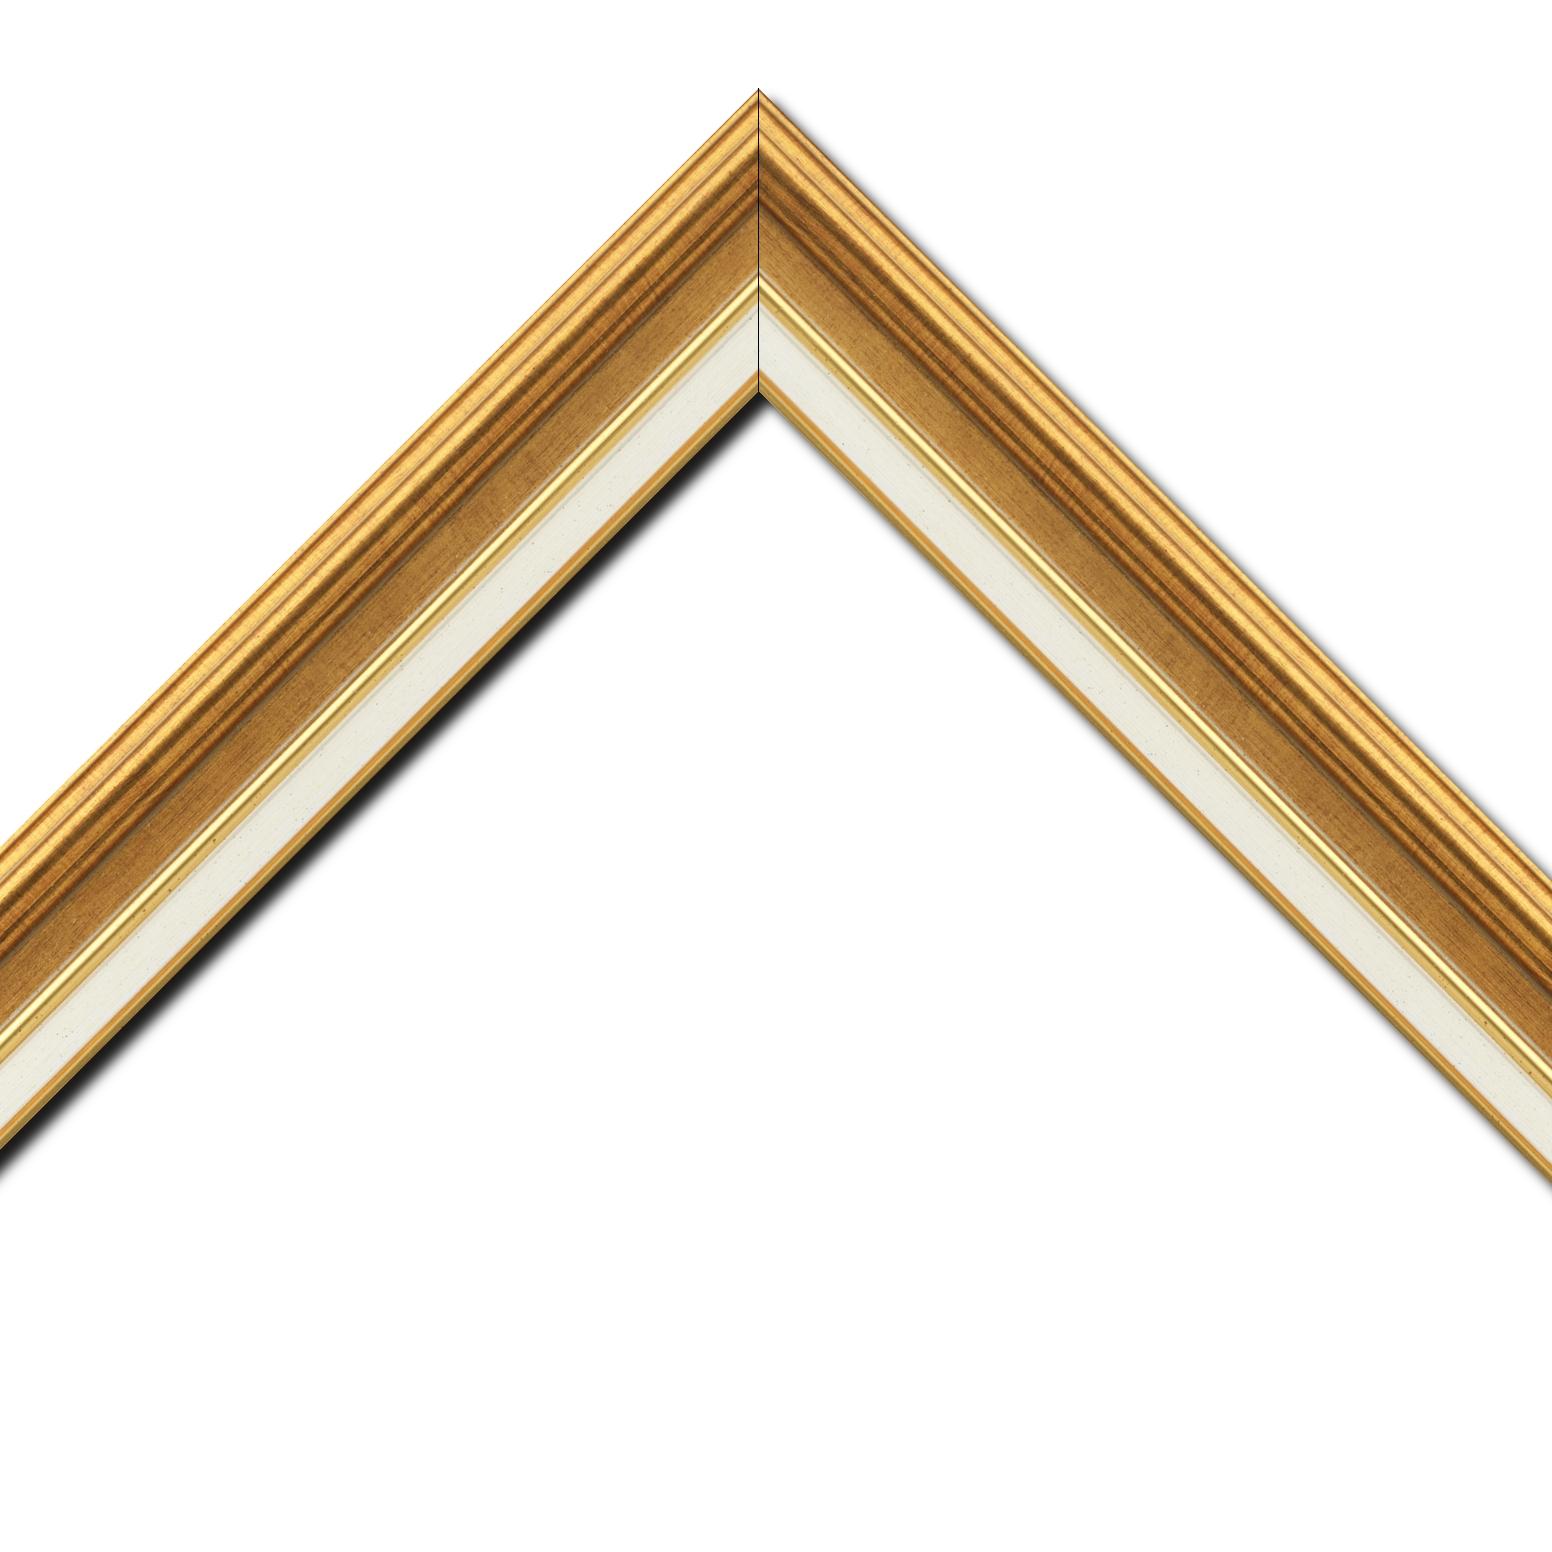 Baguette bois largeur 5.2cm or gorge or  marie louise crème filet or intégrée